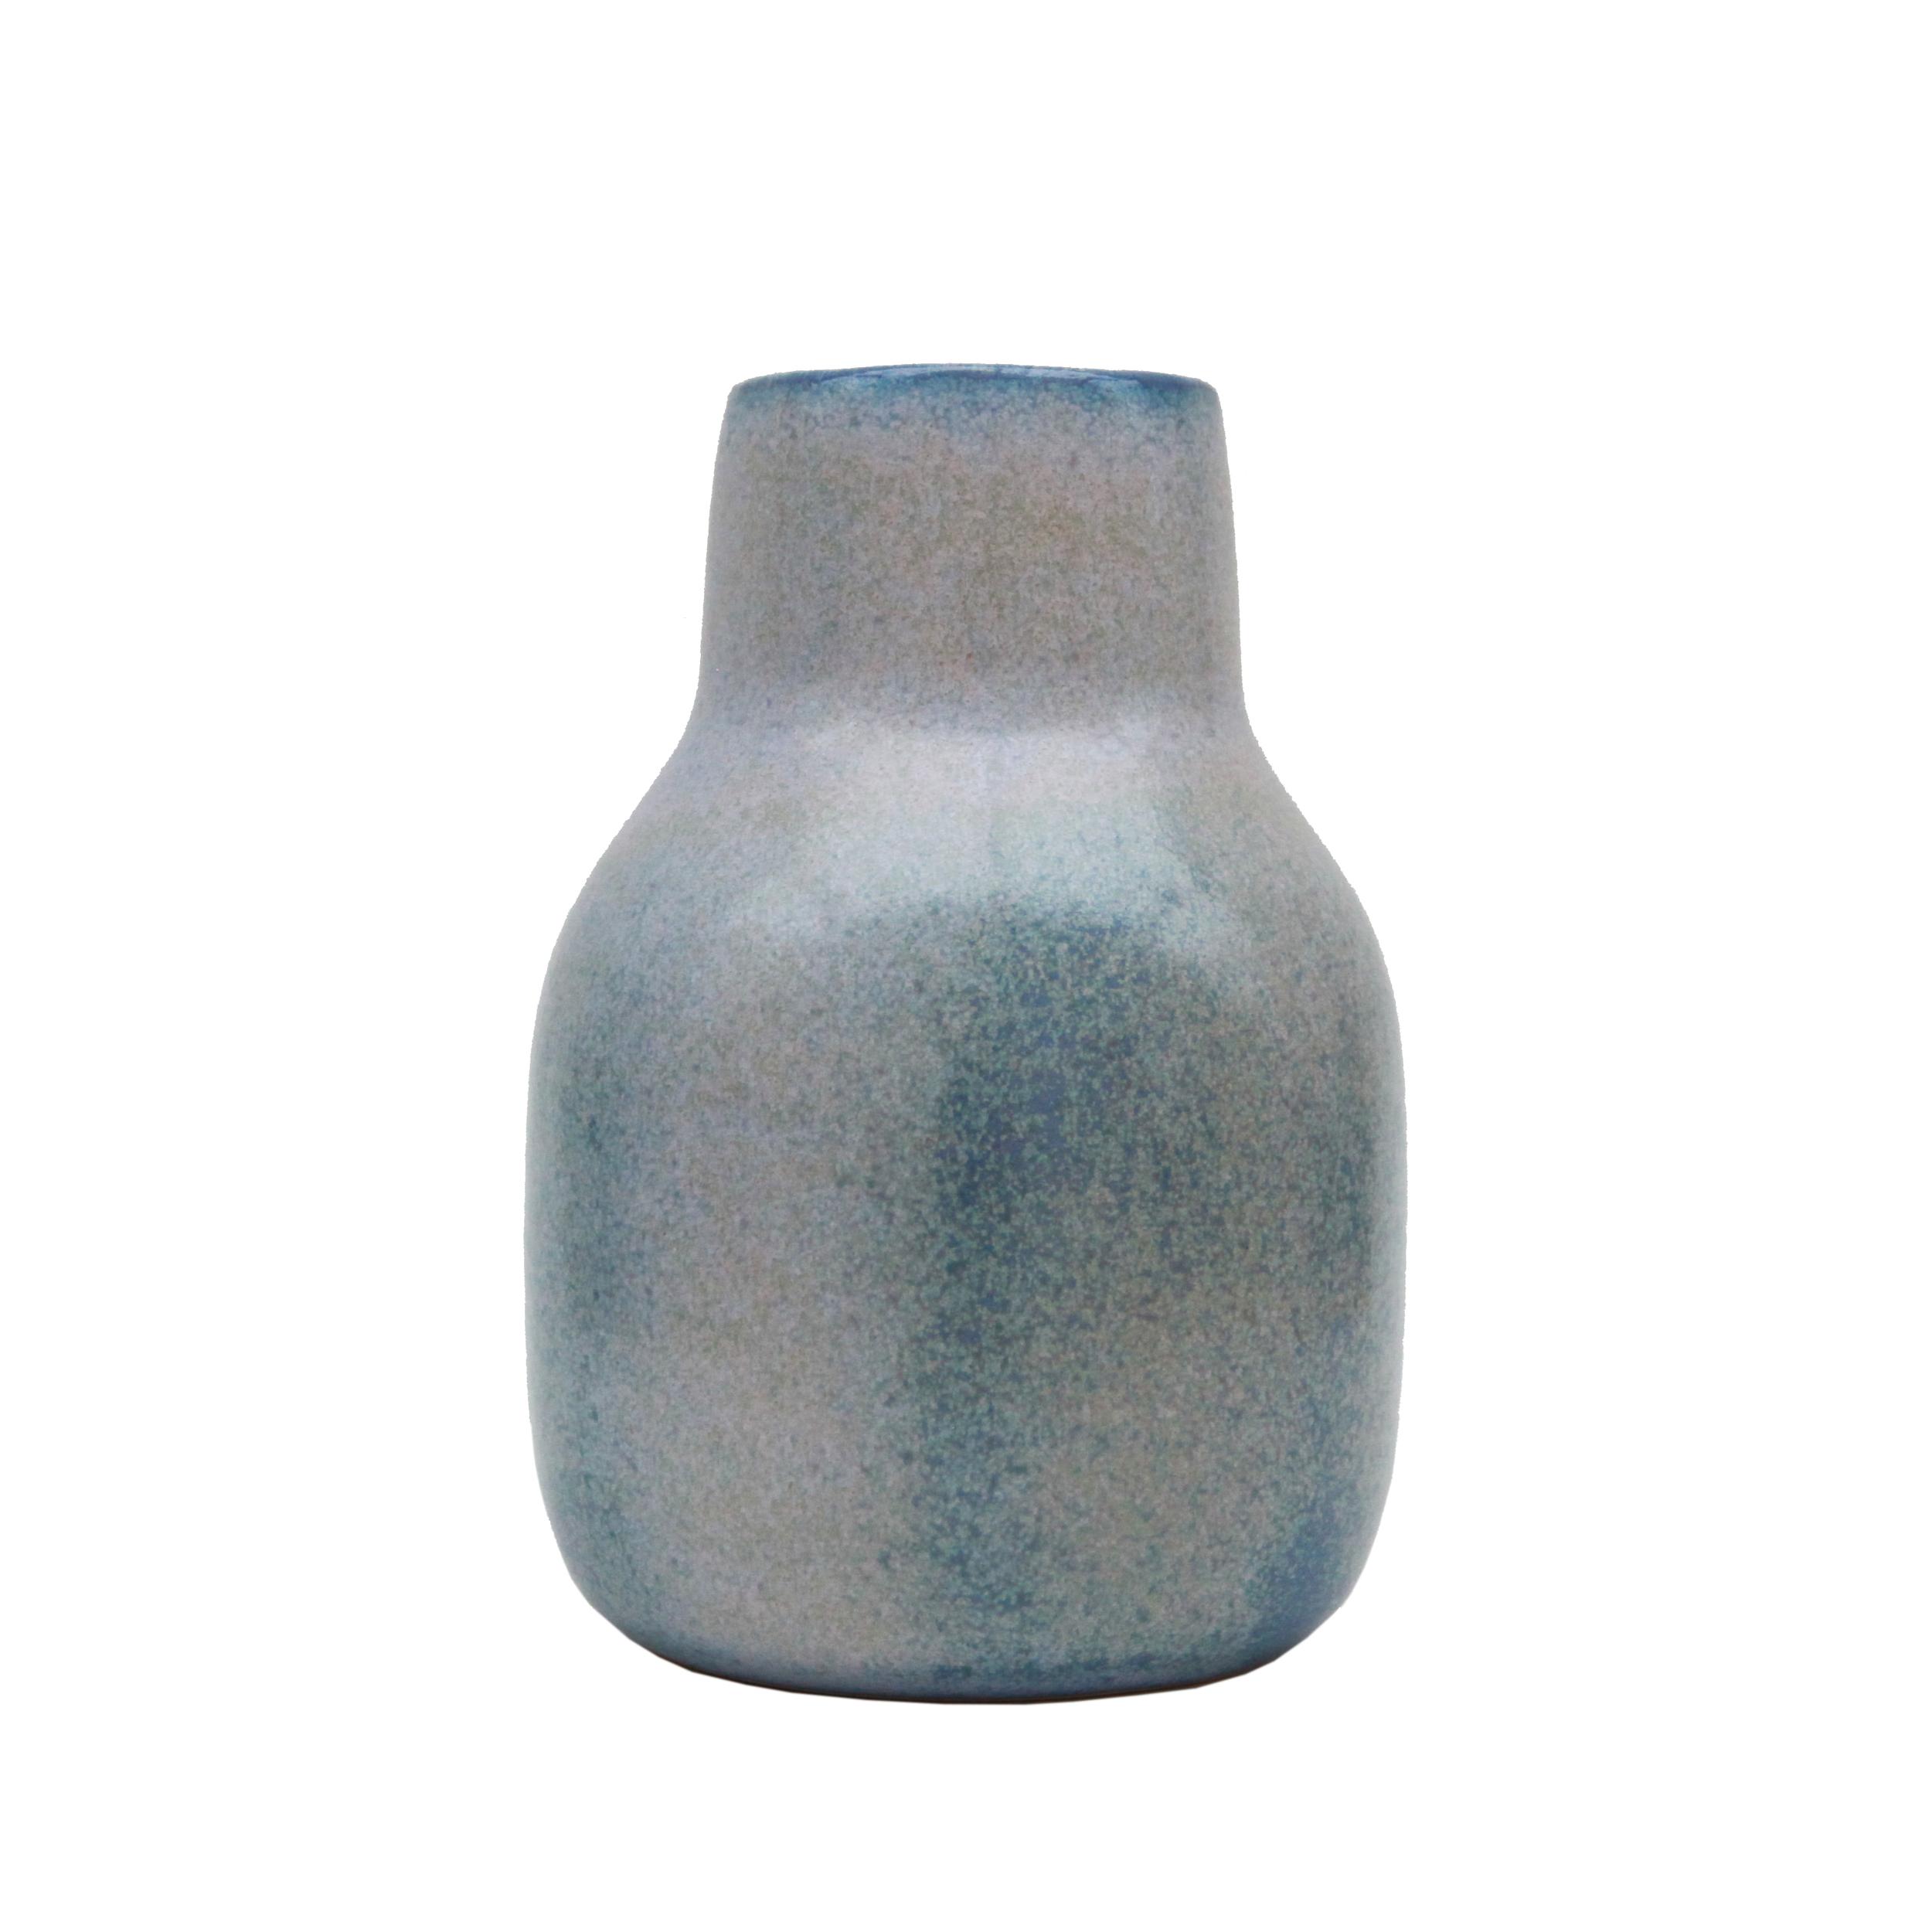 Medium Vase, Baltic Blue